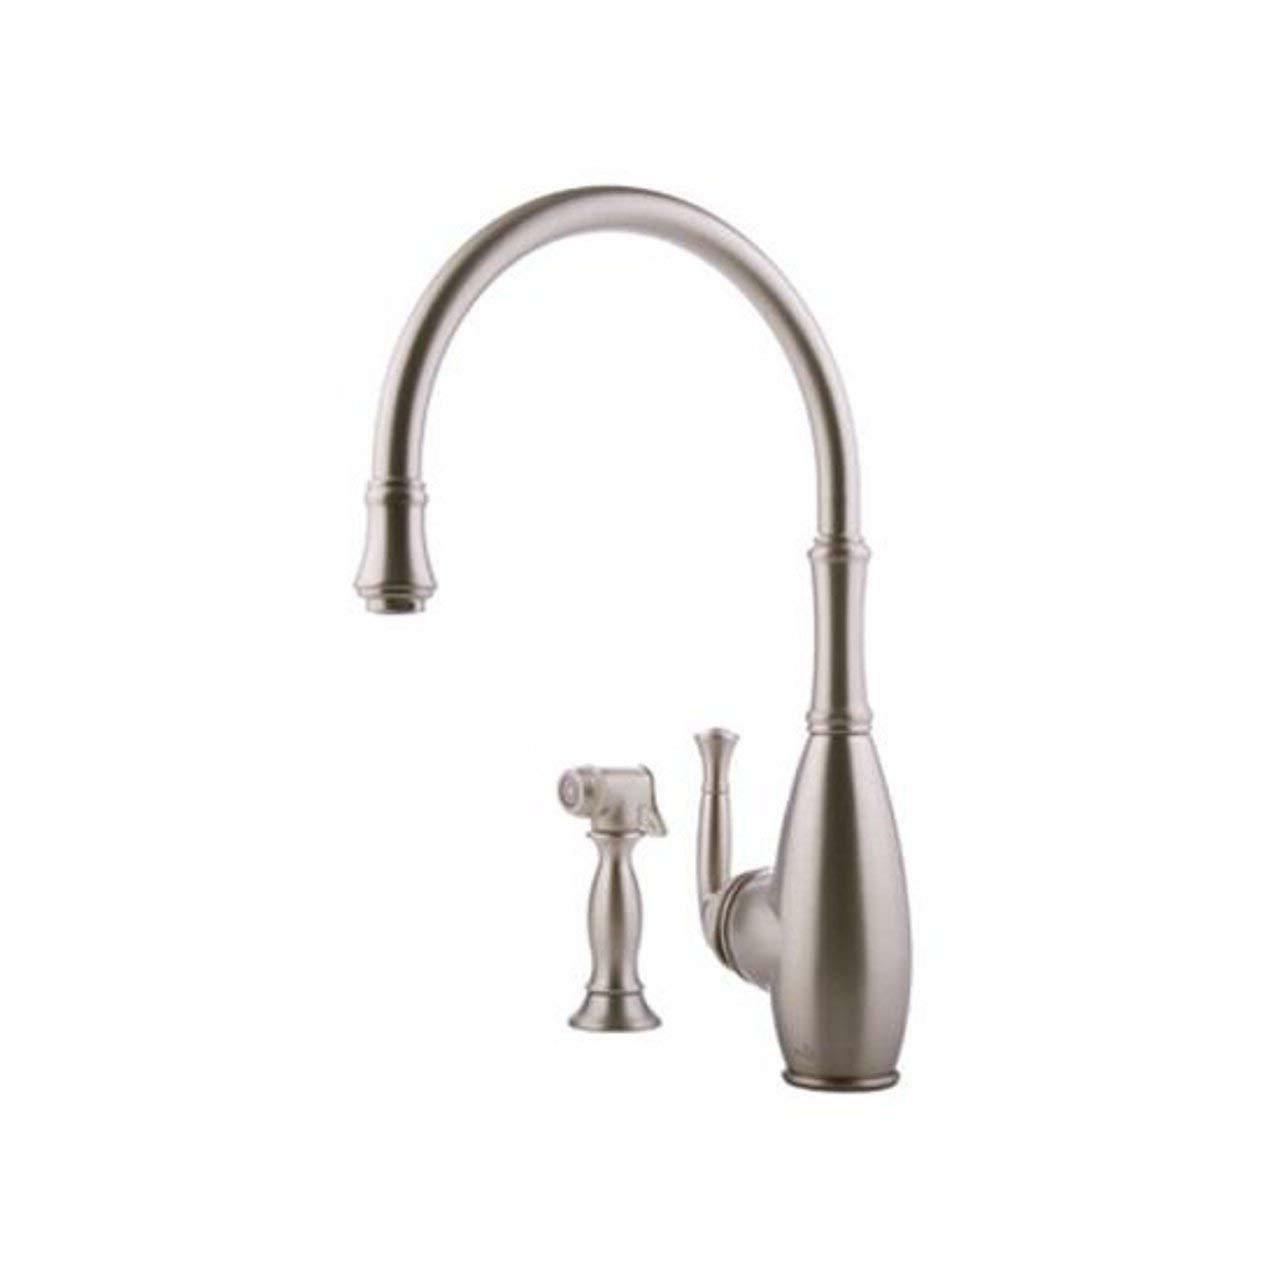 g 4805 sn duxbury kitchen faucet